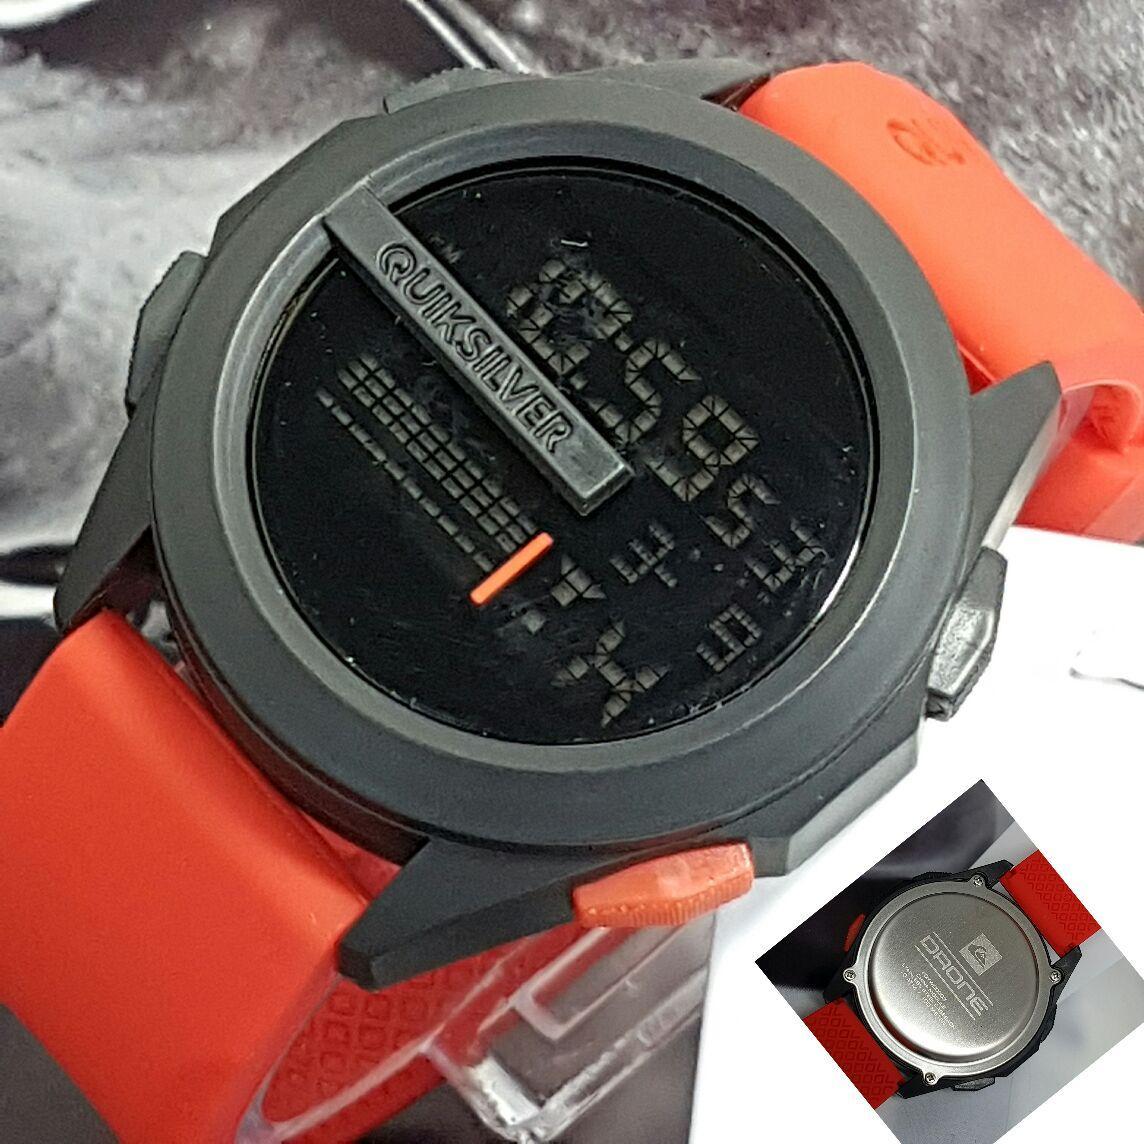 Quiksilver Stainless Steel Jam Tangan Pria Ds Daftar Harga Terbaru Expedition 6631 Black Yellow Triple Time Original Quicksilver Murah Best Seller Sporty Digital